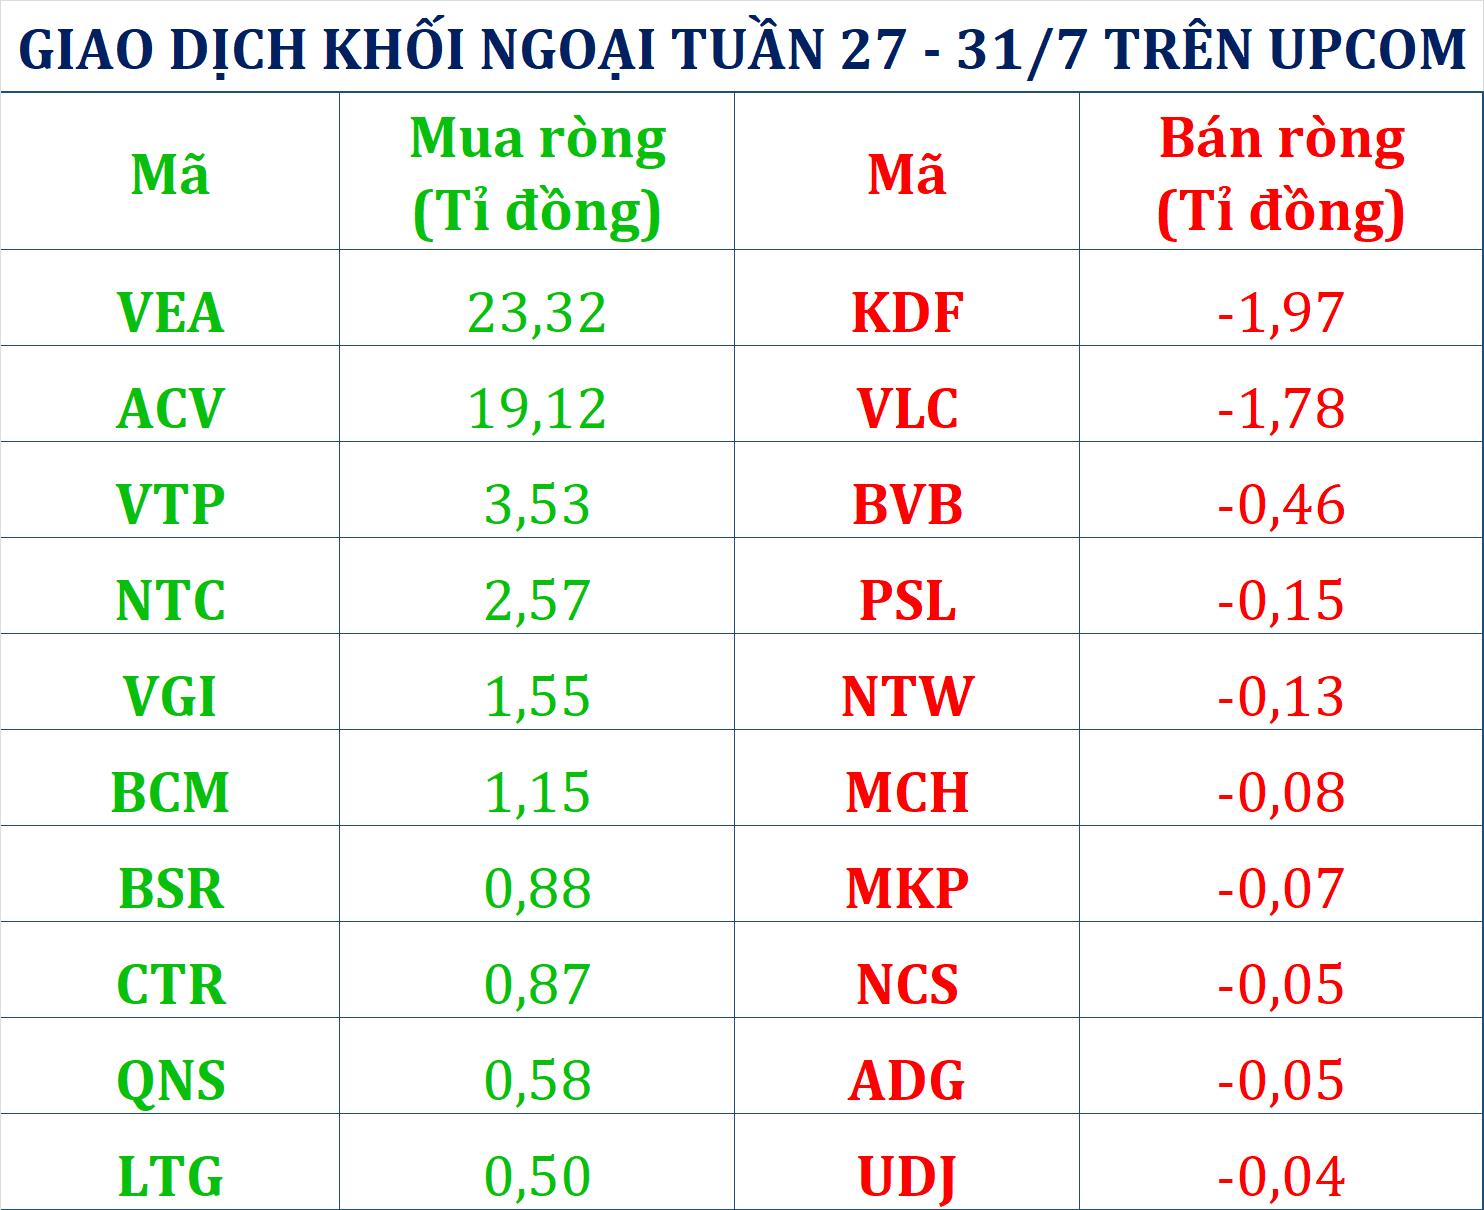 Khối ngoại tranh thủ gom 780 tỉ đồng tuần chứng khoán Việt Nam chao đảo vì COVID-19 - Ảnh 3.